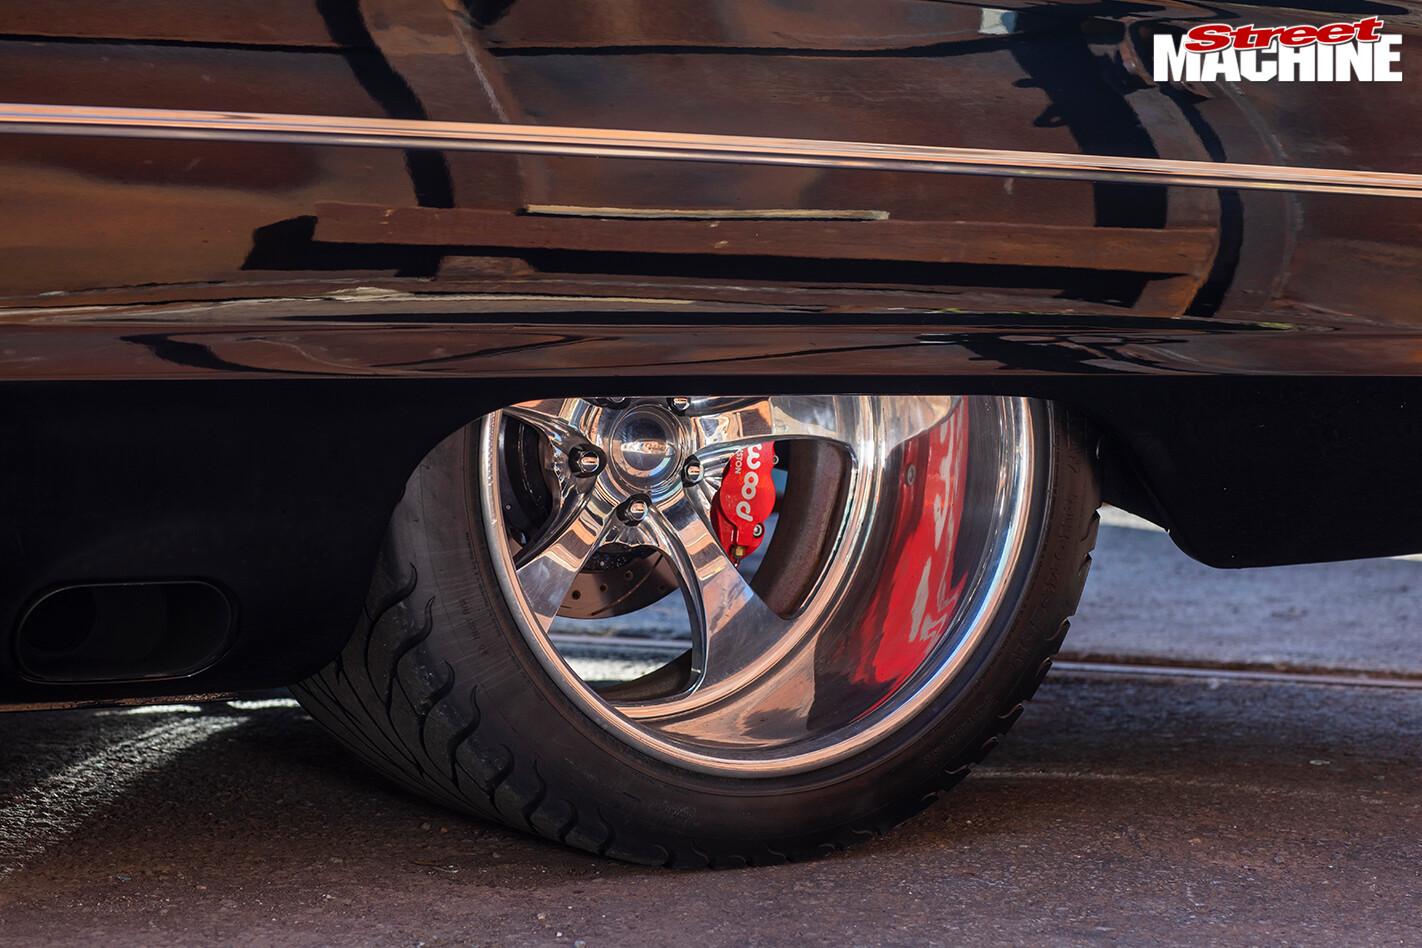 Street Machine Features Ford Galaxie Rear Wheel